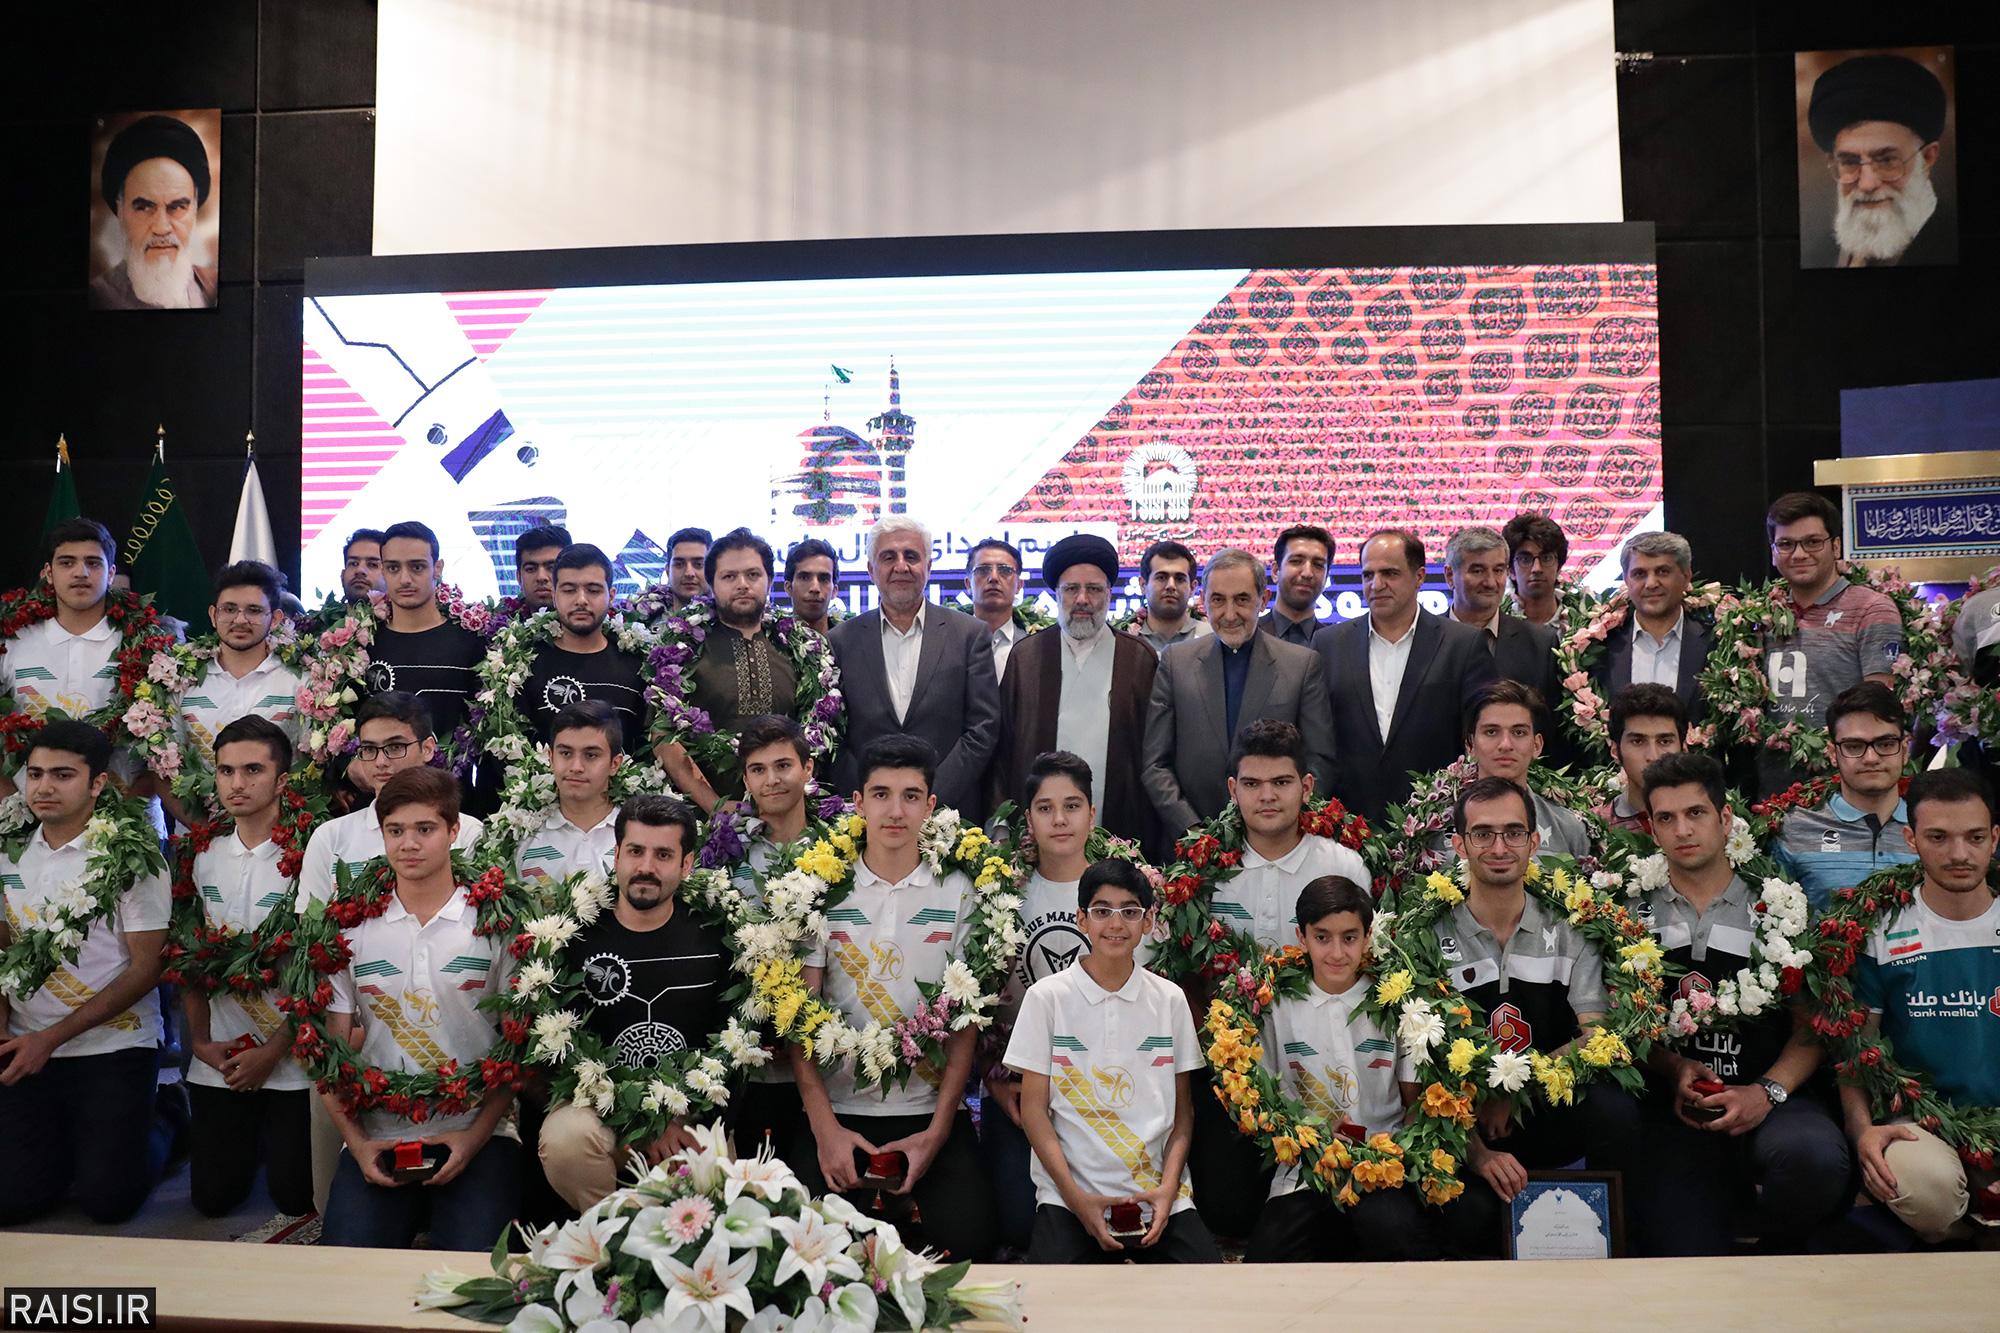 مراسم اهدای مدالهای تیم ربوکاپ دانشگاه آزاد اسلامی در مسابقات جهانی به آستان قدس رضوی